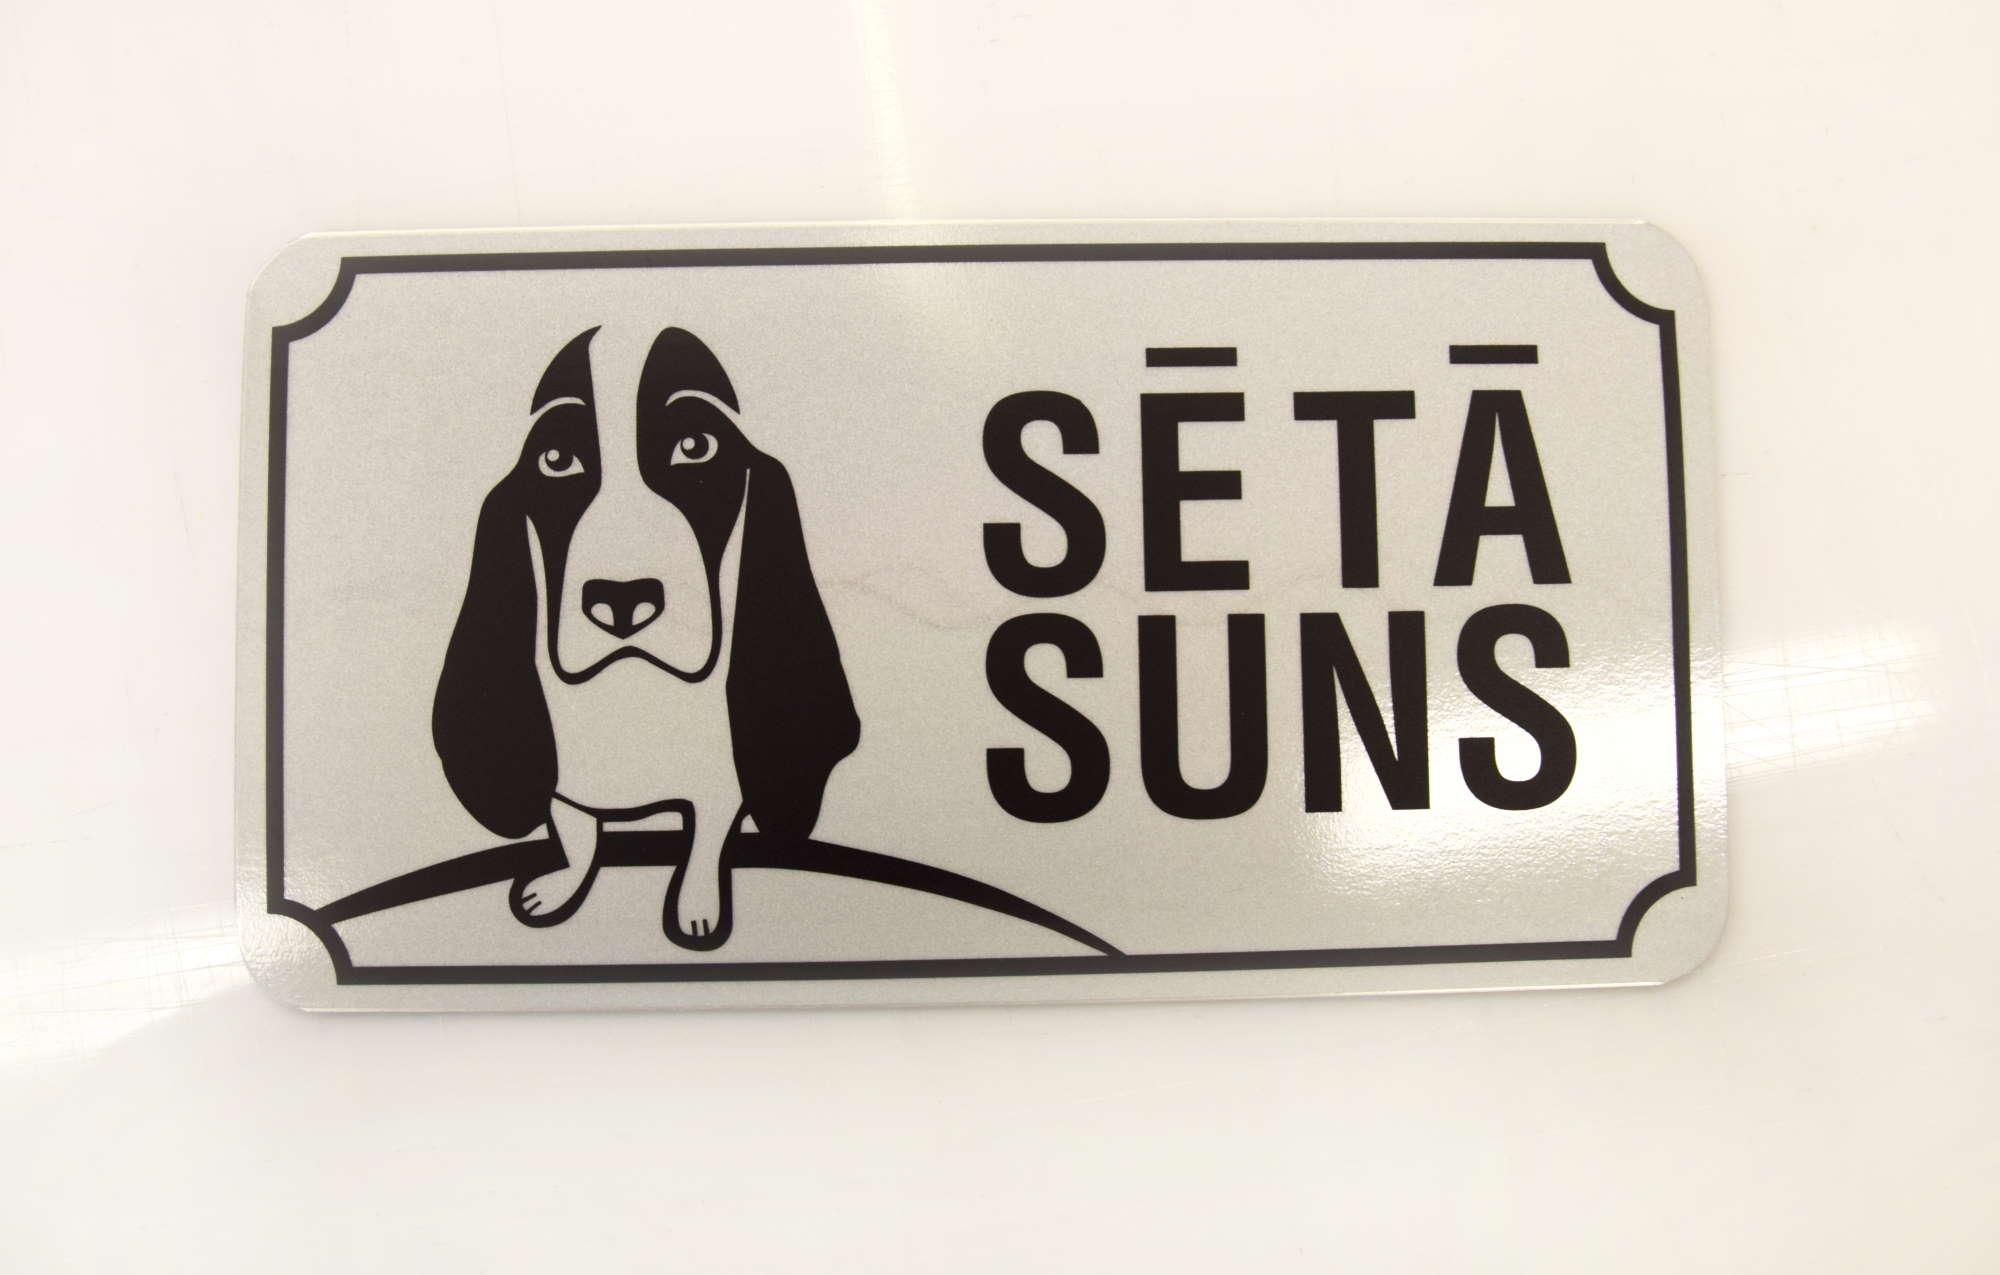 LATSIGN Informatīvā bridinājuma zīme ar Basetu - Sētā suns